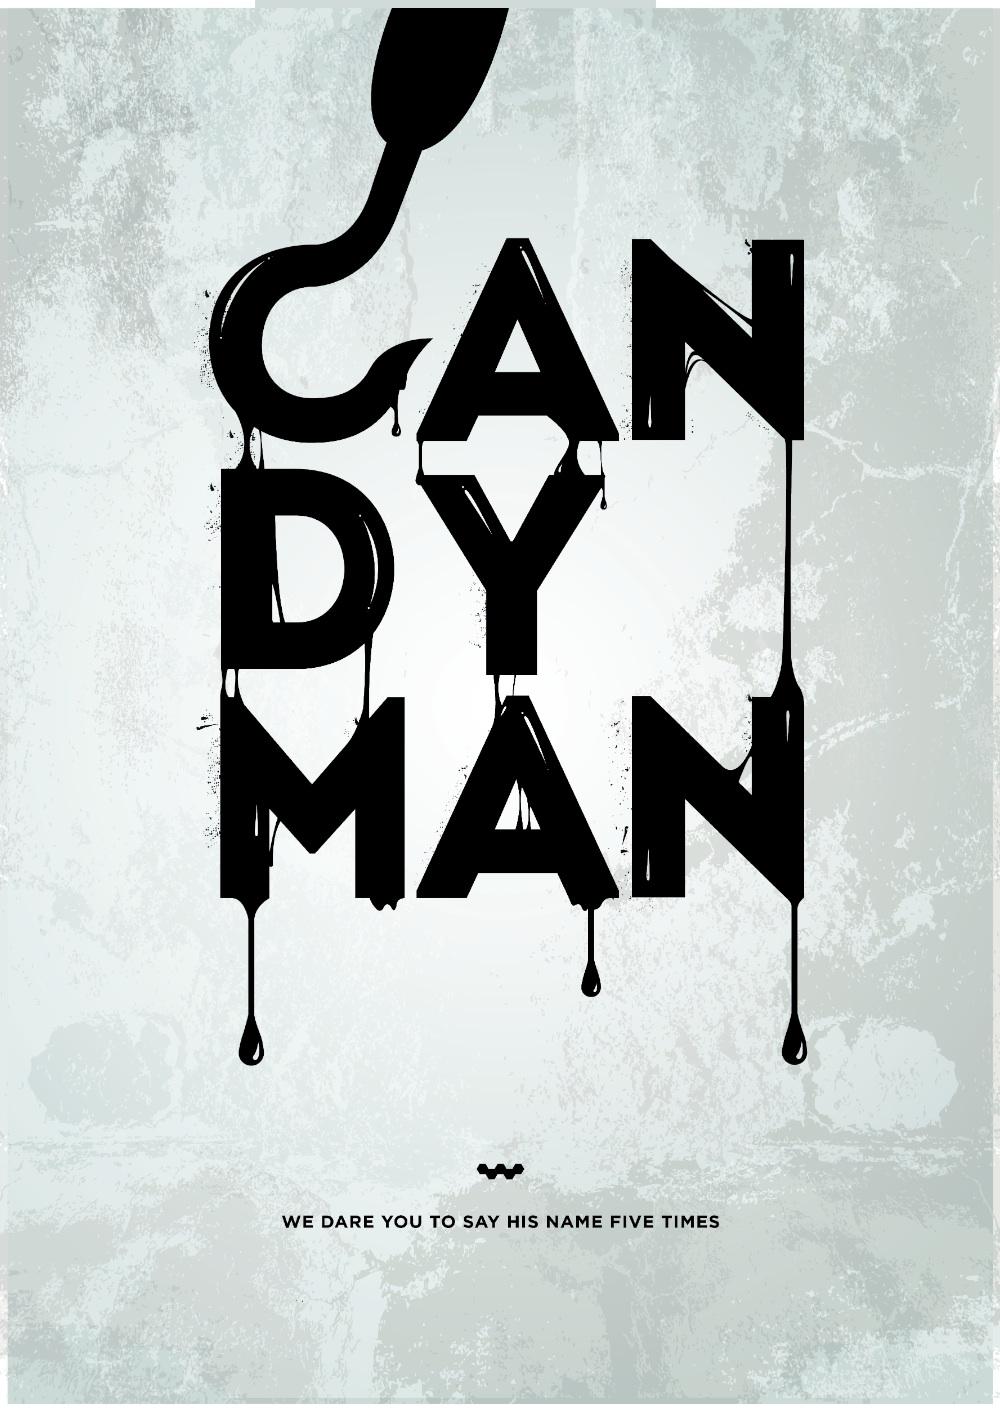 Candyman by Creative Spark.